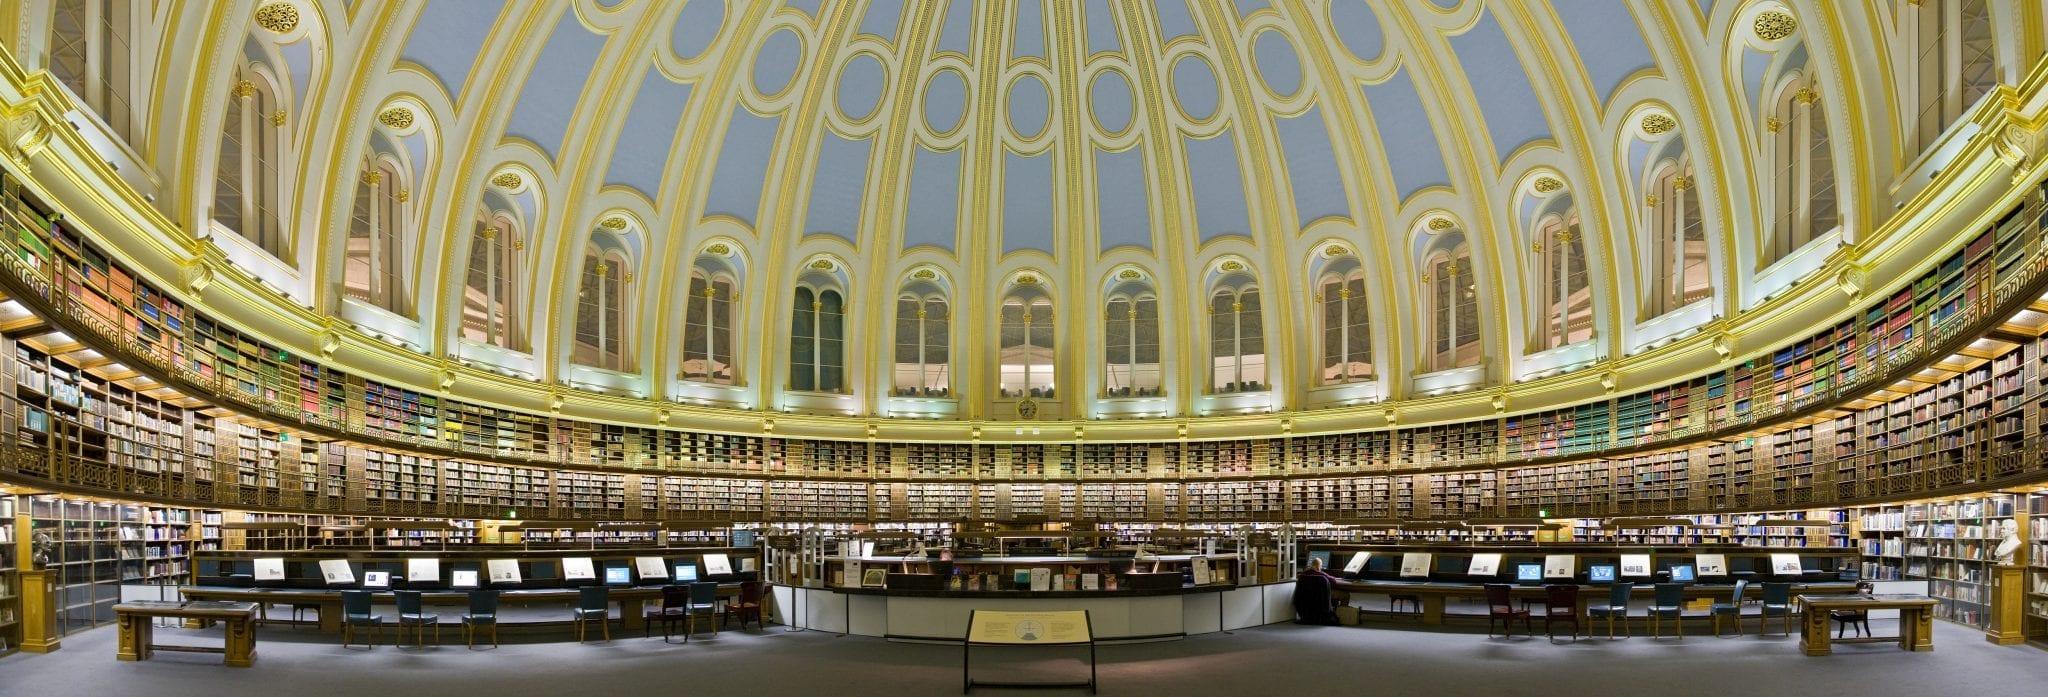 Antigua sala de lectura